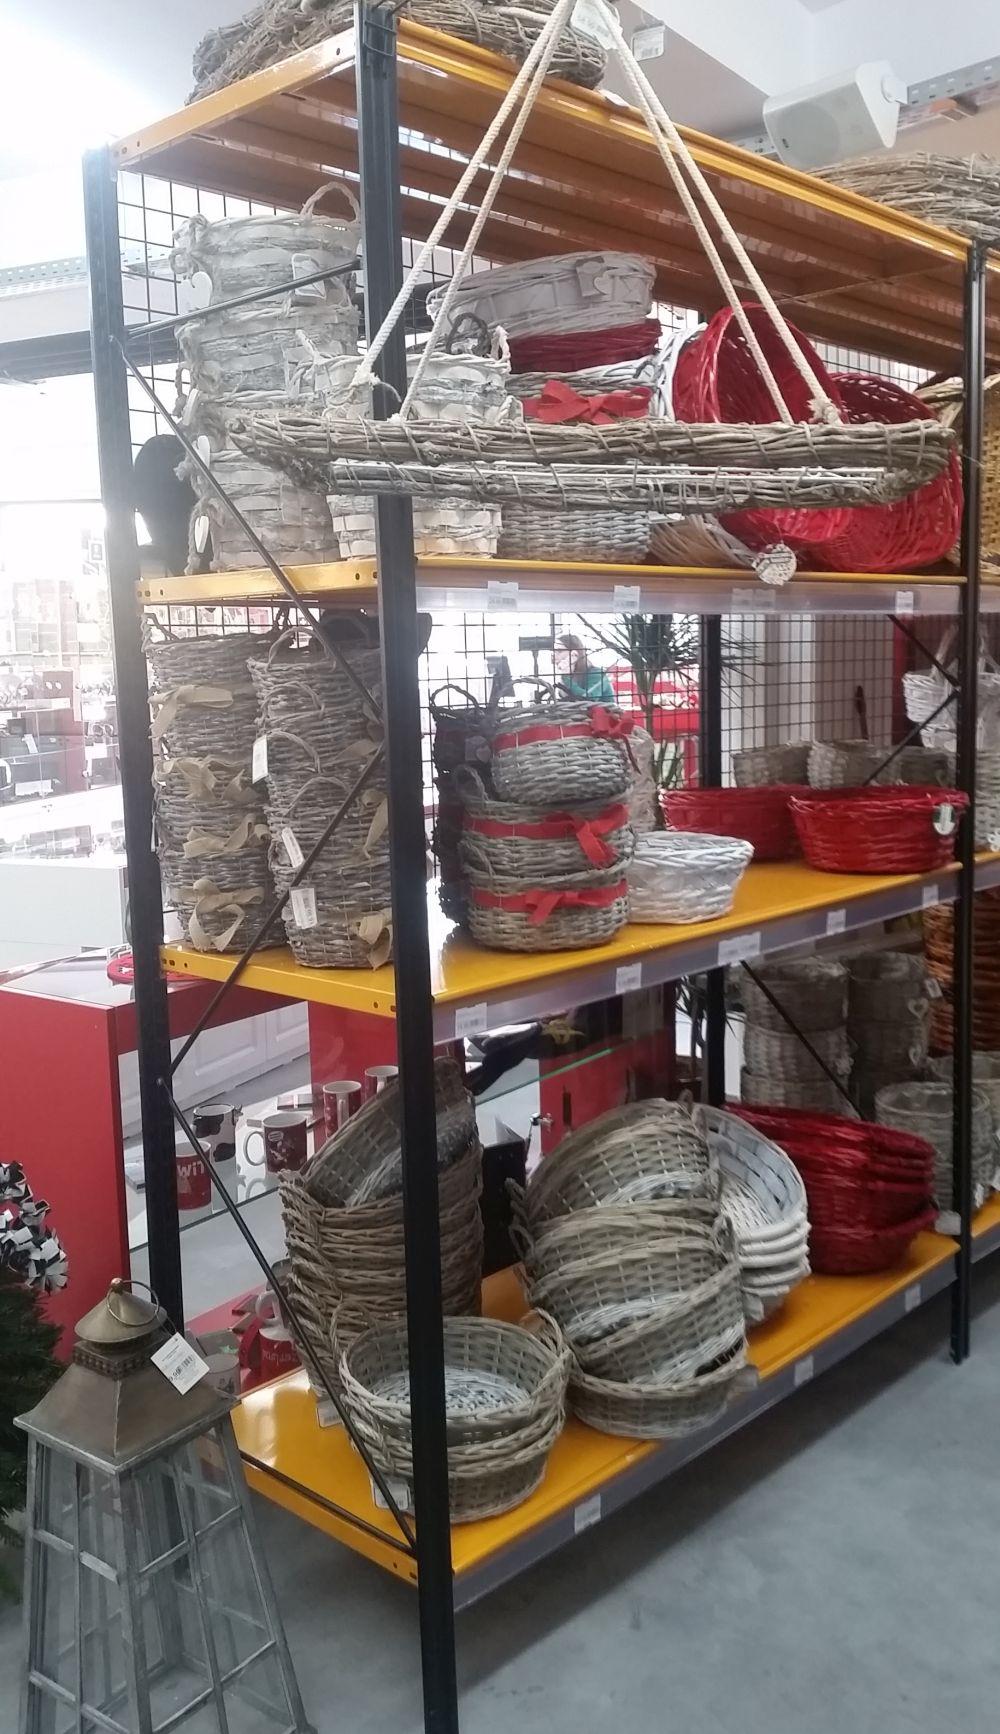 adelaparvu-com-despre-magazin-de-decoratiuni-si-obiecte-de-uz-casnic-da-moreno-4